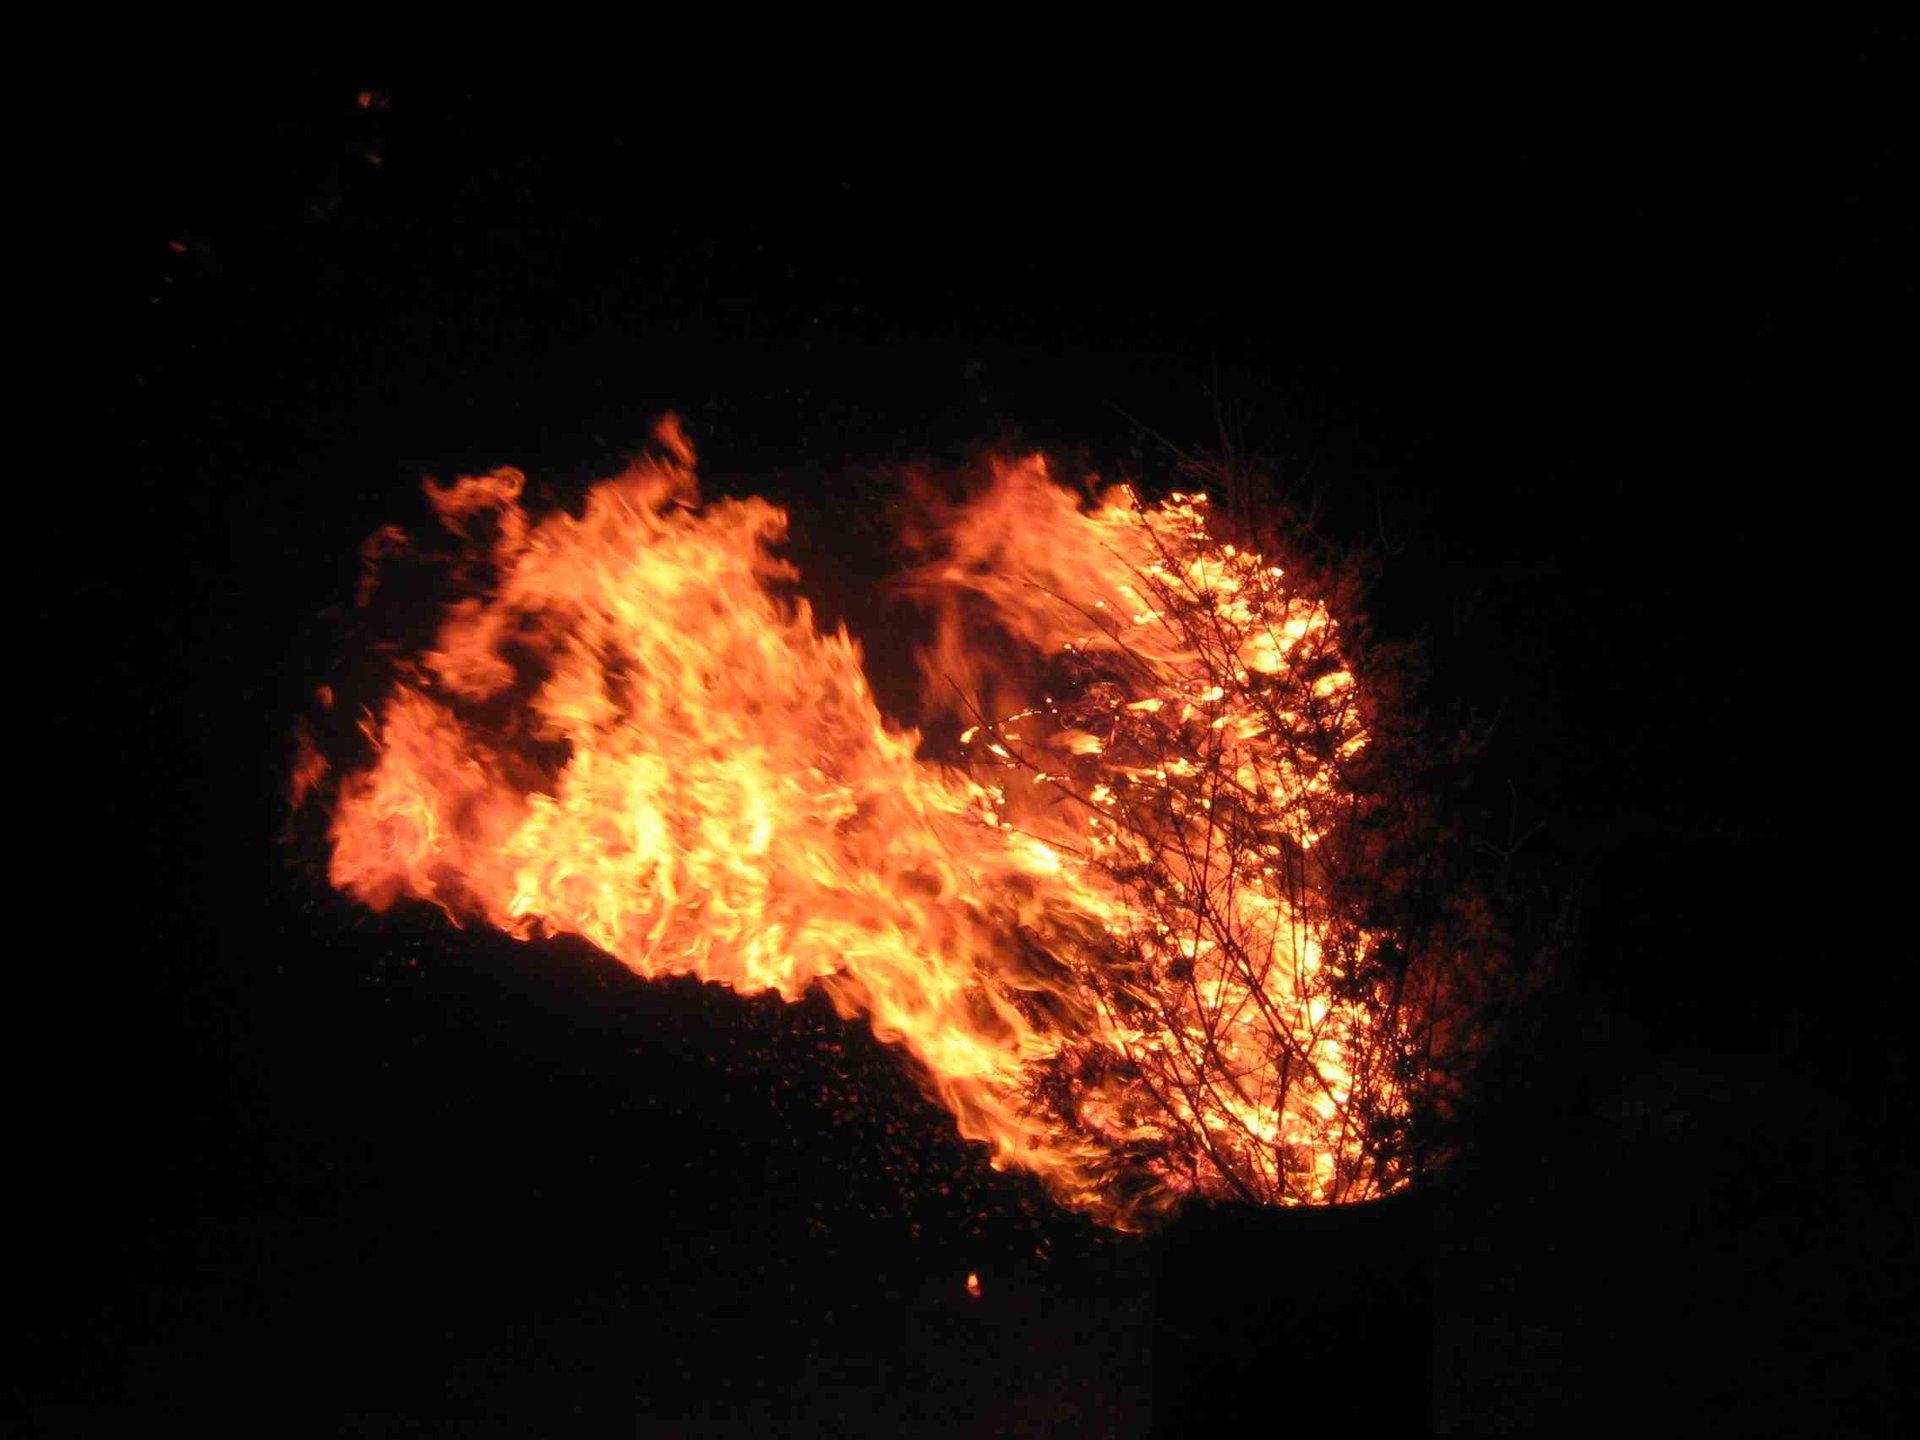 my tree is on fire